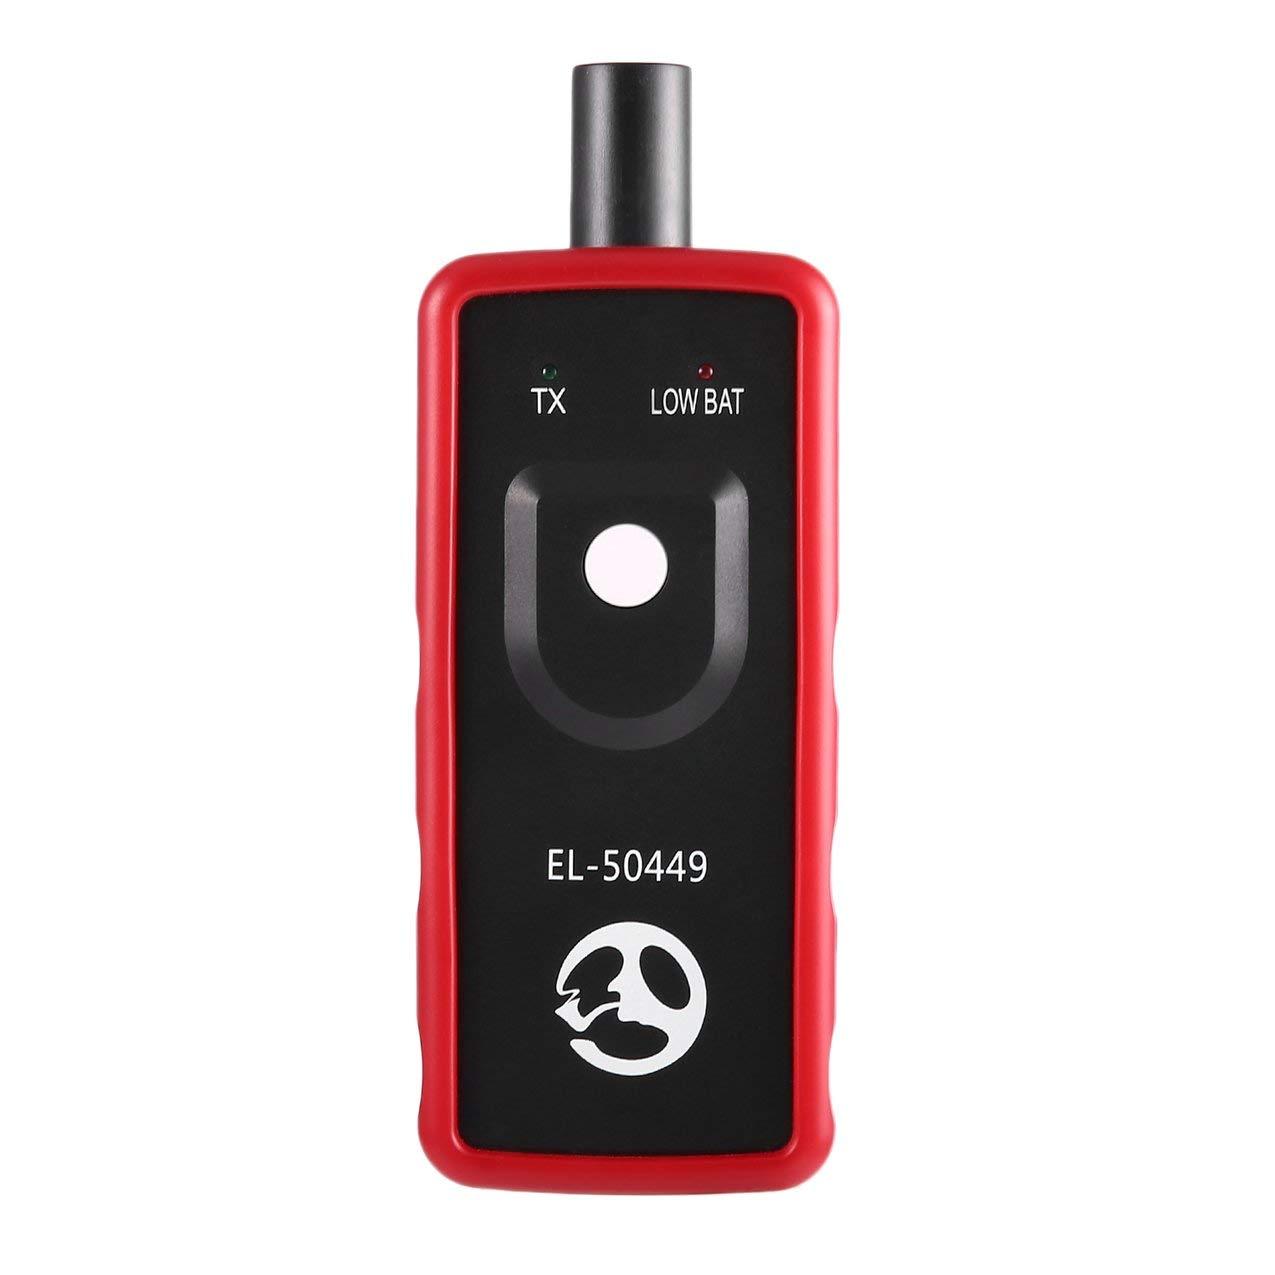 EL-50449 Sensore di monitoraggio della pressione dei pneumatici, EL-50449 Strumento di attivazione del sensore di pressione dello strumento di riparazione della pressione dei pneumatici TPMS Per Ford Per GM / Per Opel Redstrong